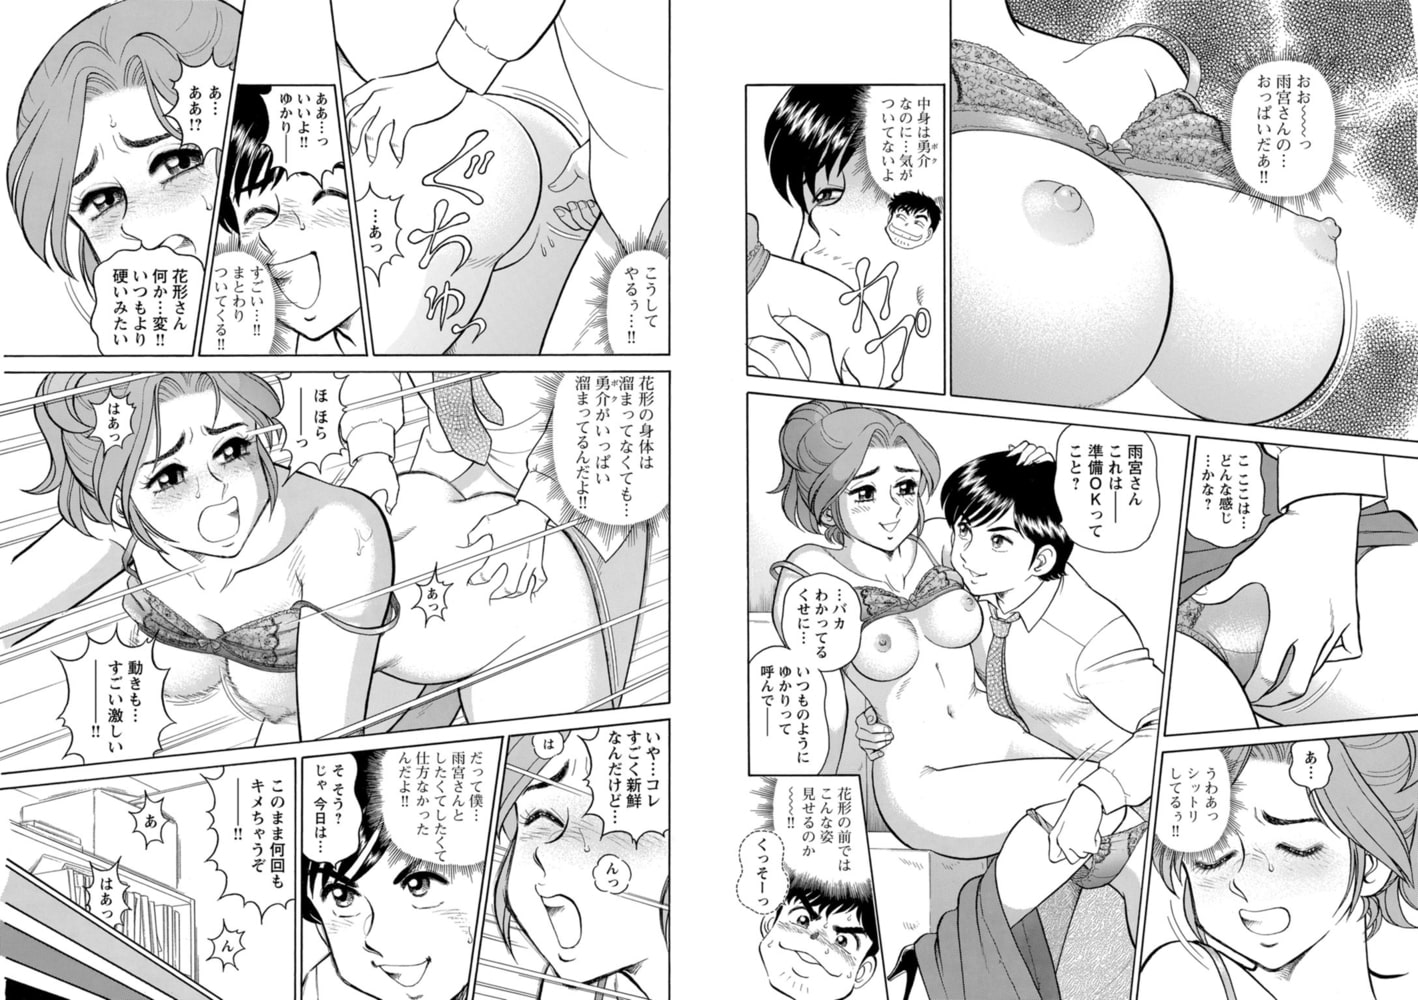 美人社員とハメまくり!~イケメン社員に乗り移ってヤり放題~ 1巻